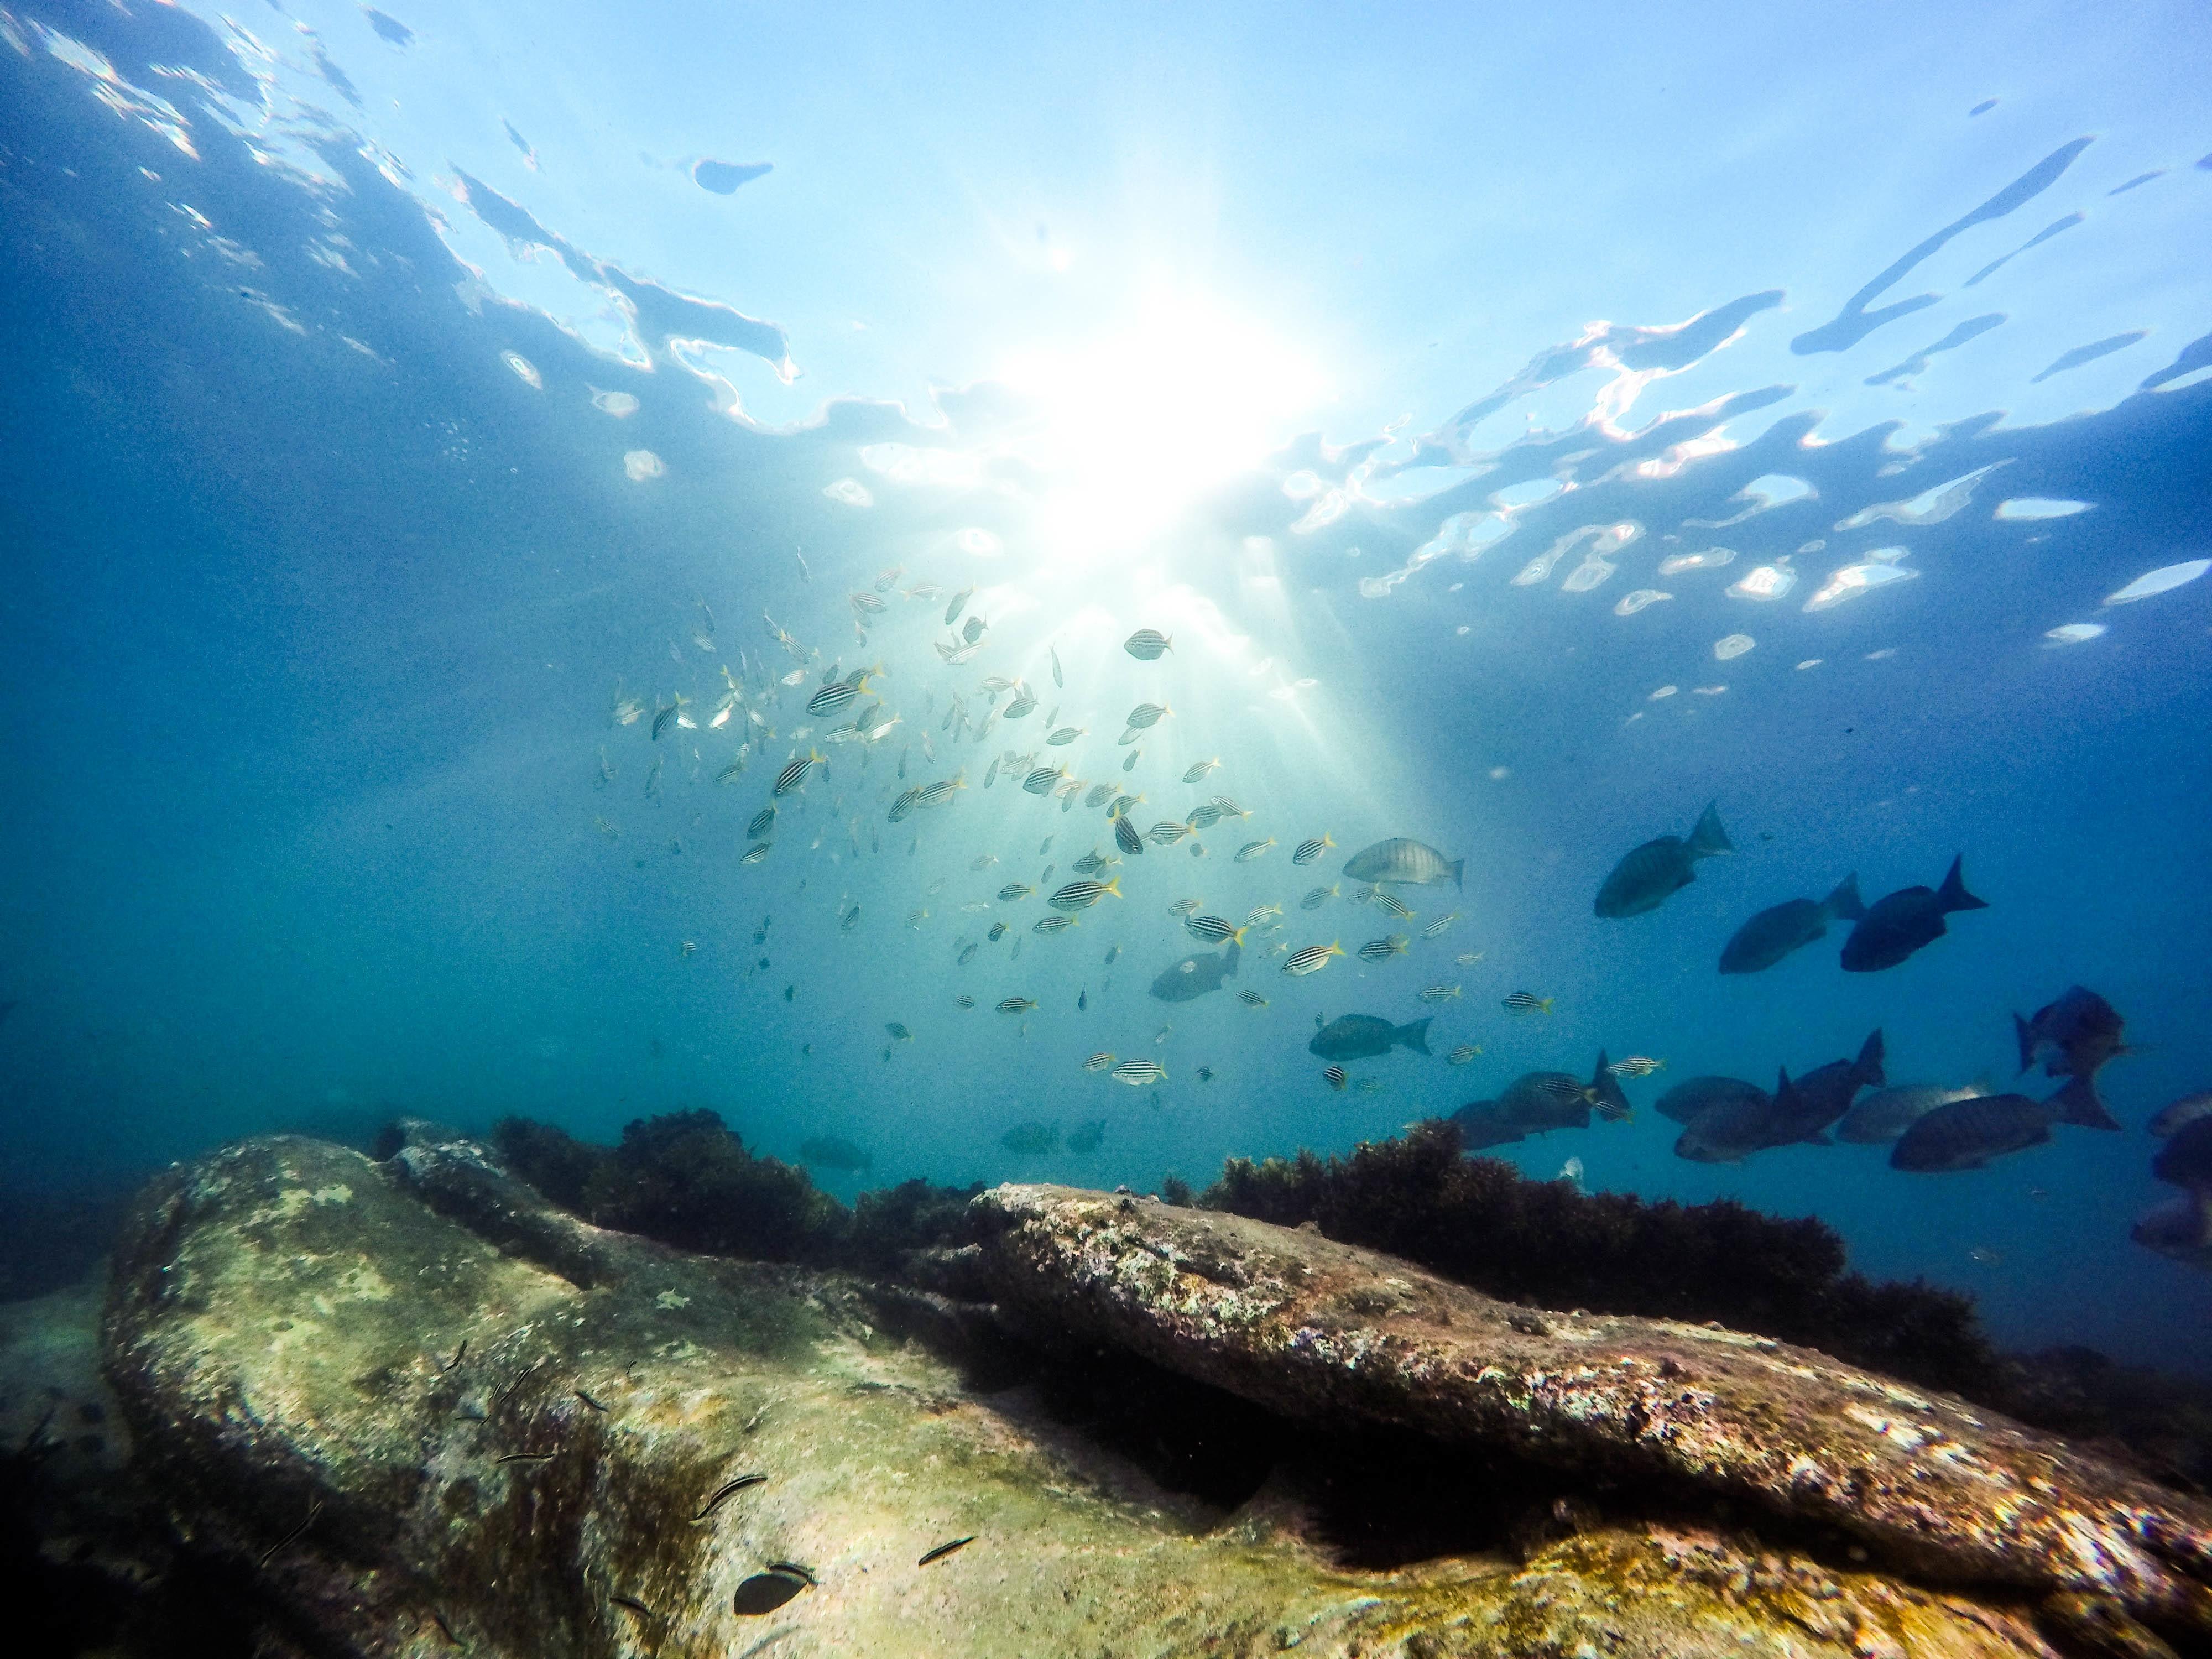 Free Images Sea Ocean Underwater Coral Reef Marine